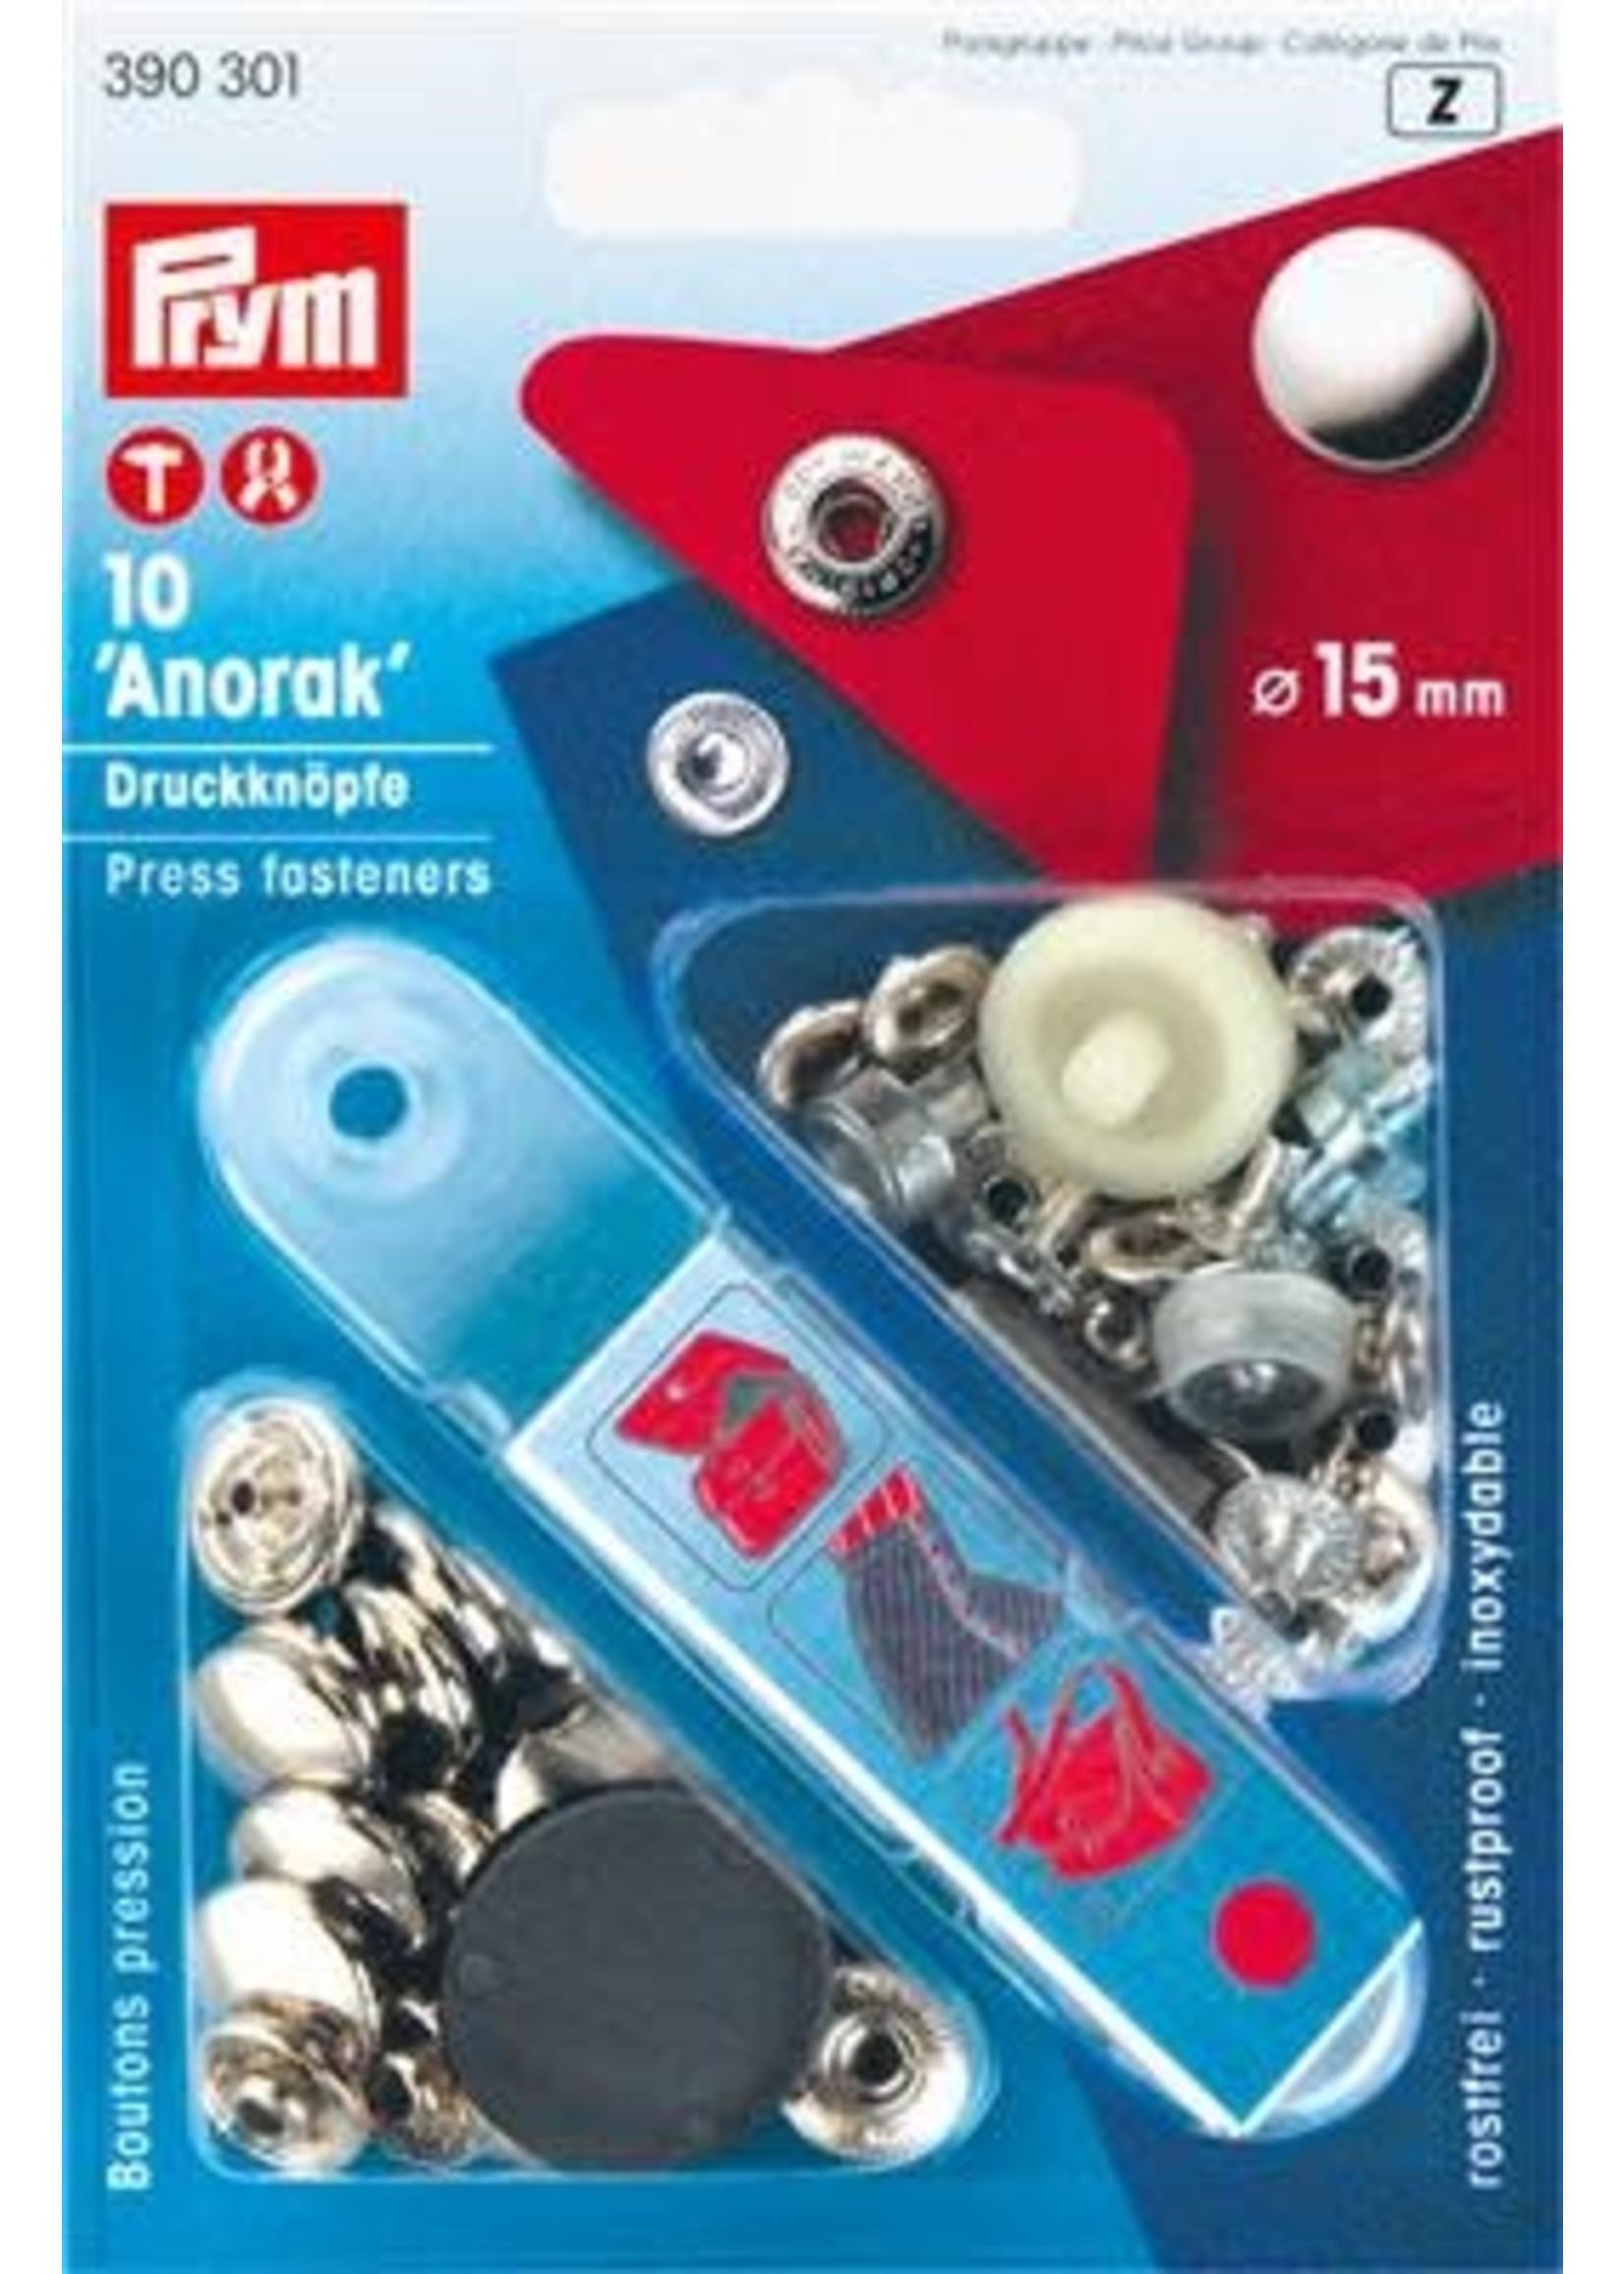 Prym Prym Naaivrijdrukknoop Anorak 15mm - zilver